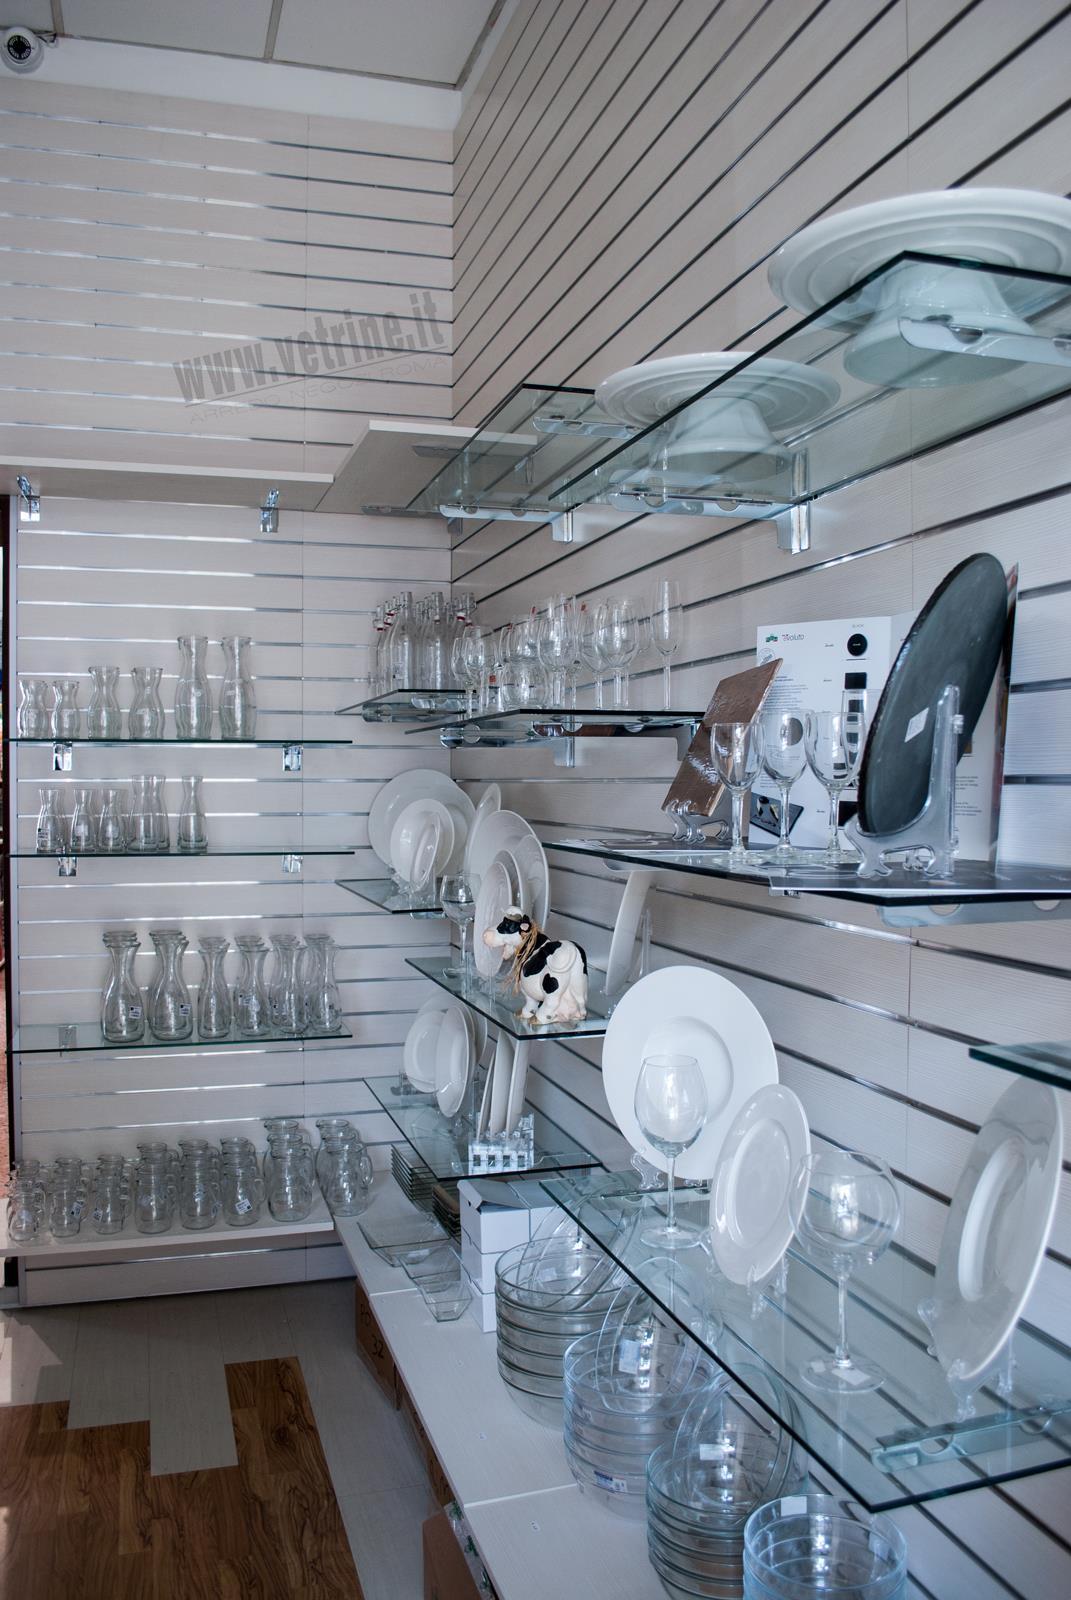 Galleria fotografica arredo allestimento casaligni a roma for Forum arredamento galleria fotografica